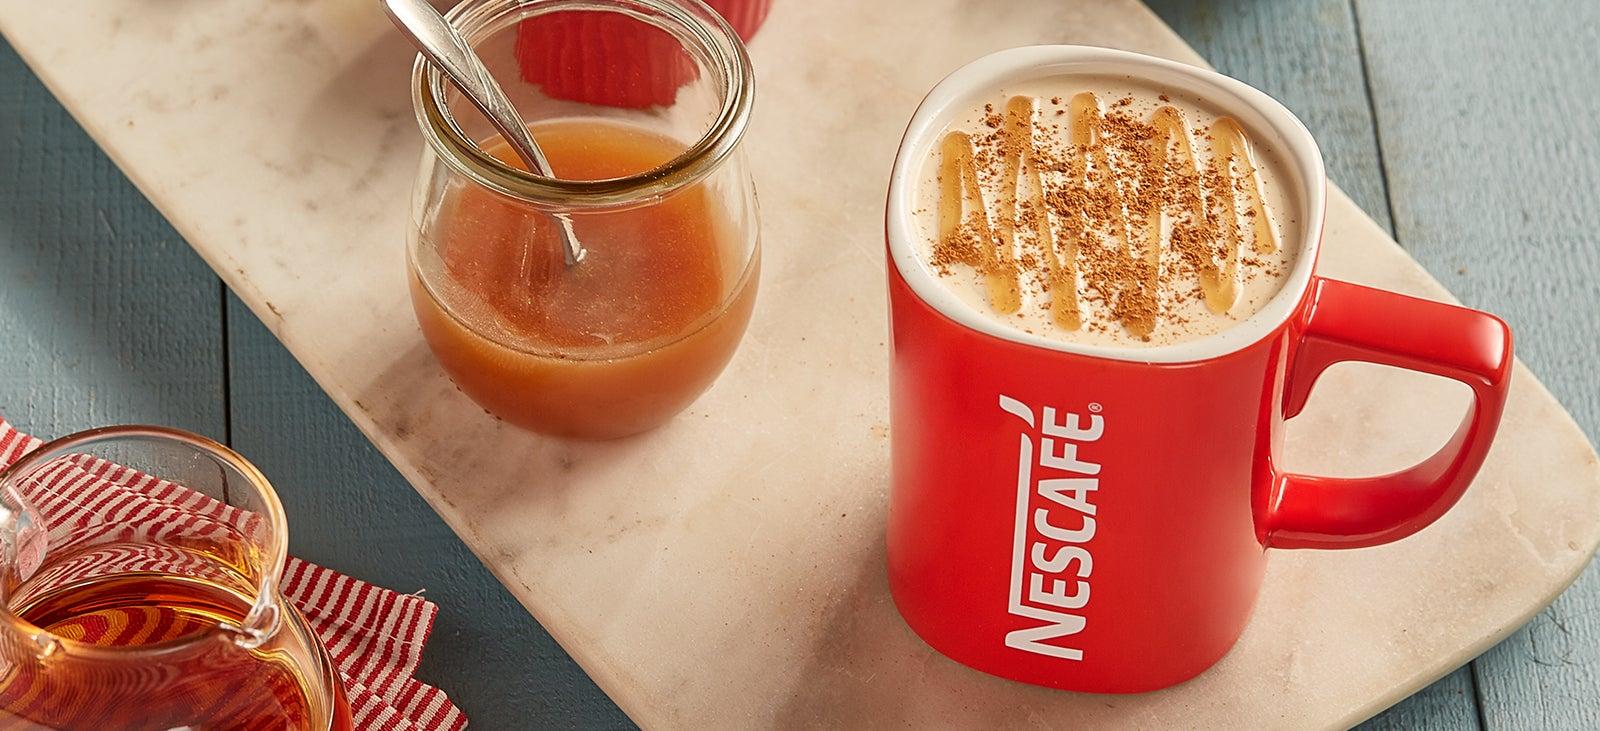 Cà phê sữa với các hương vị độc đáo